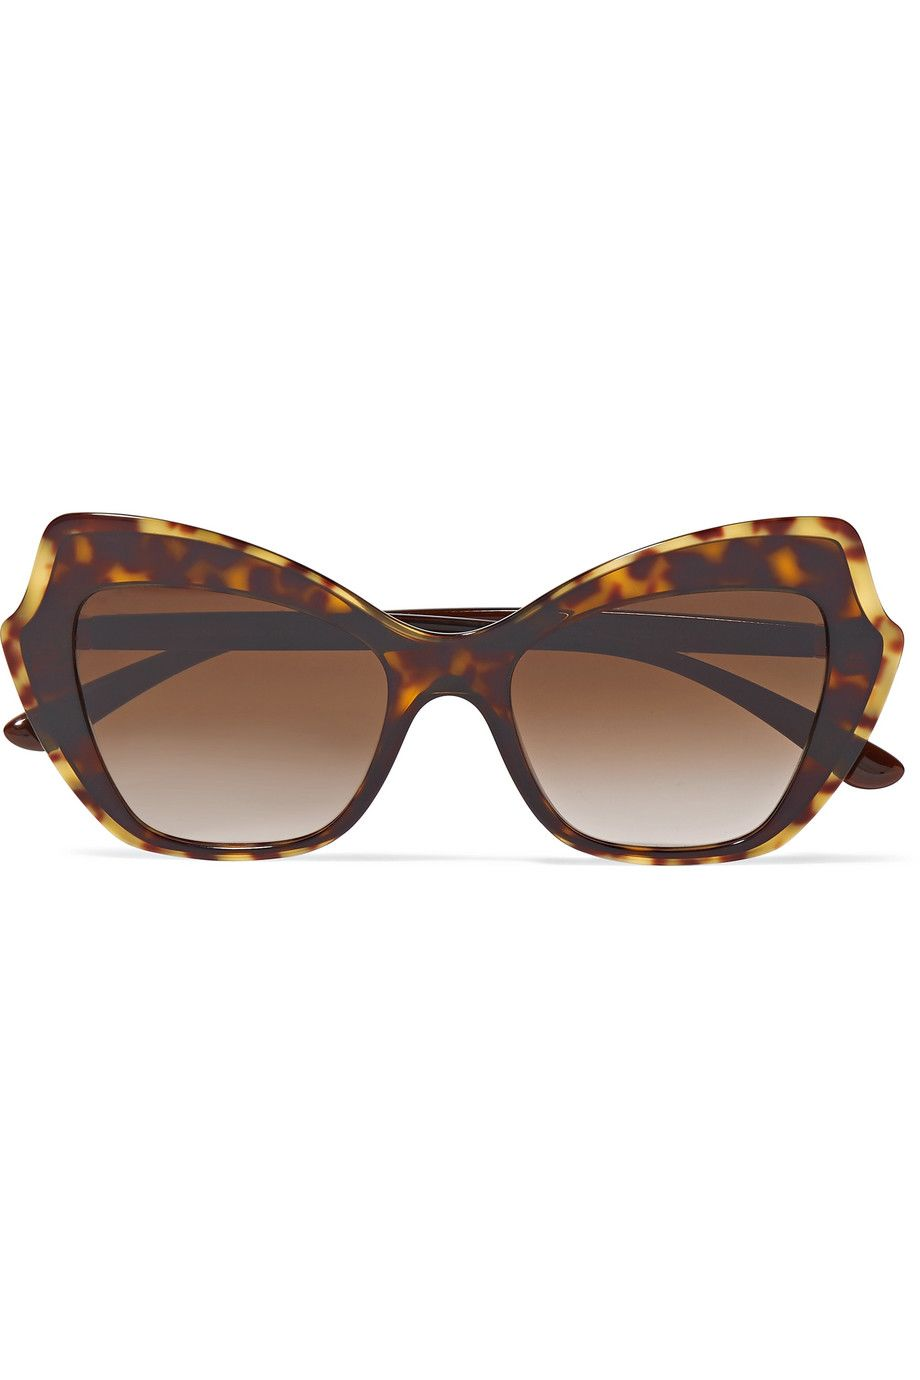 #PopbelaOOTD: Invest Kacamata Oversized Yuk!